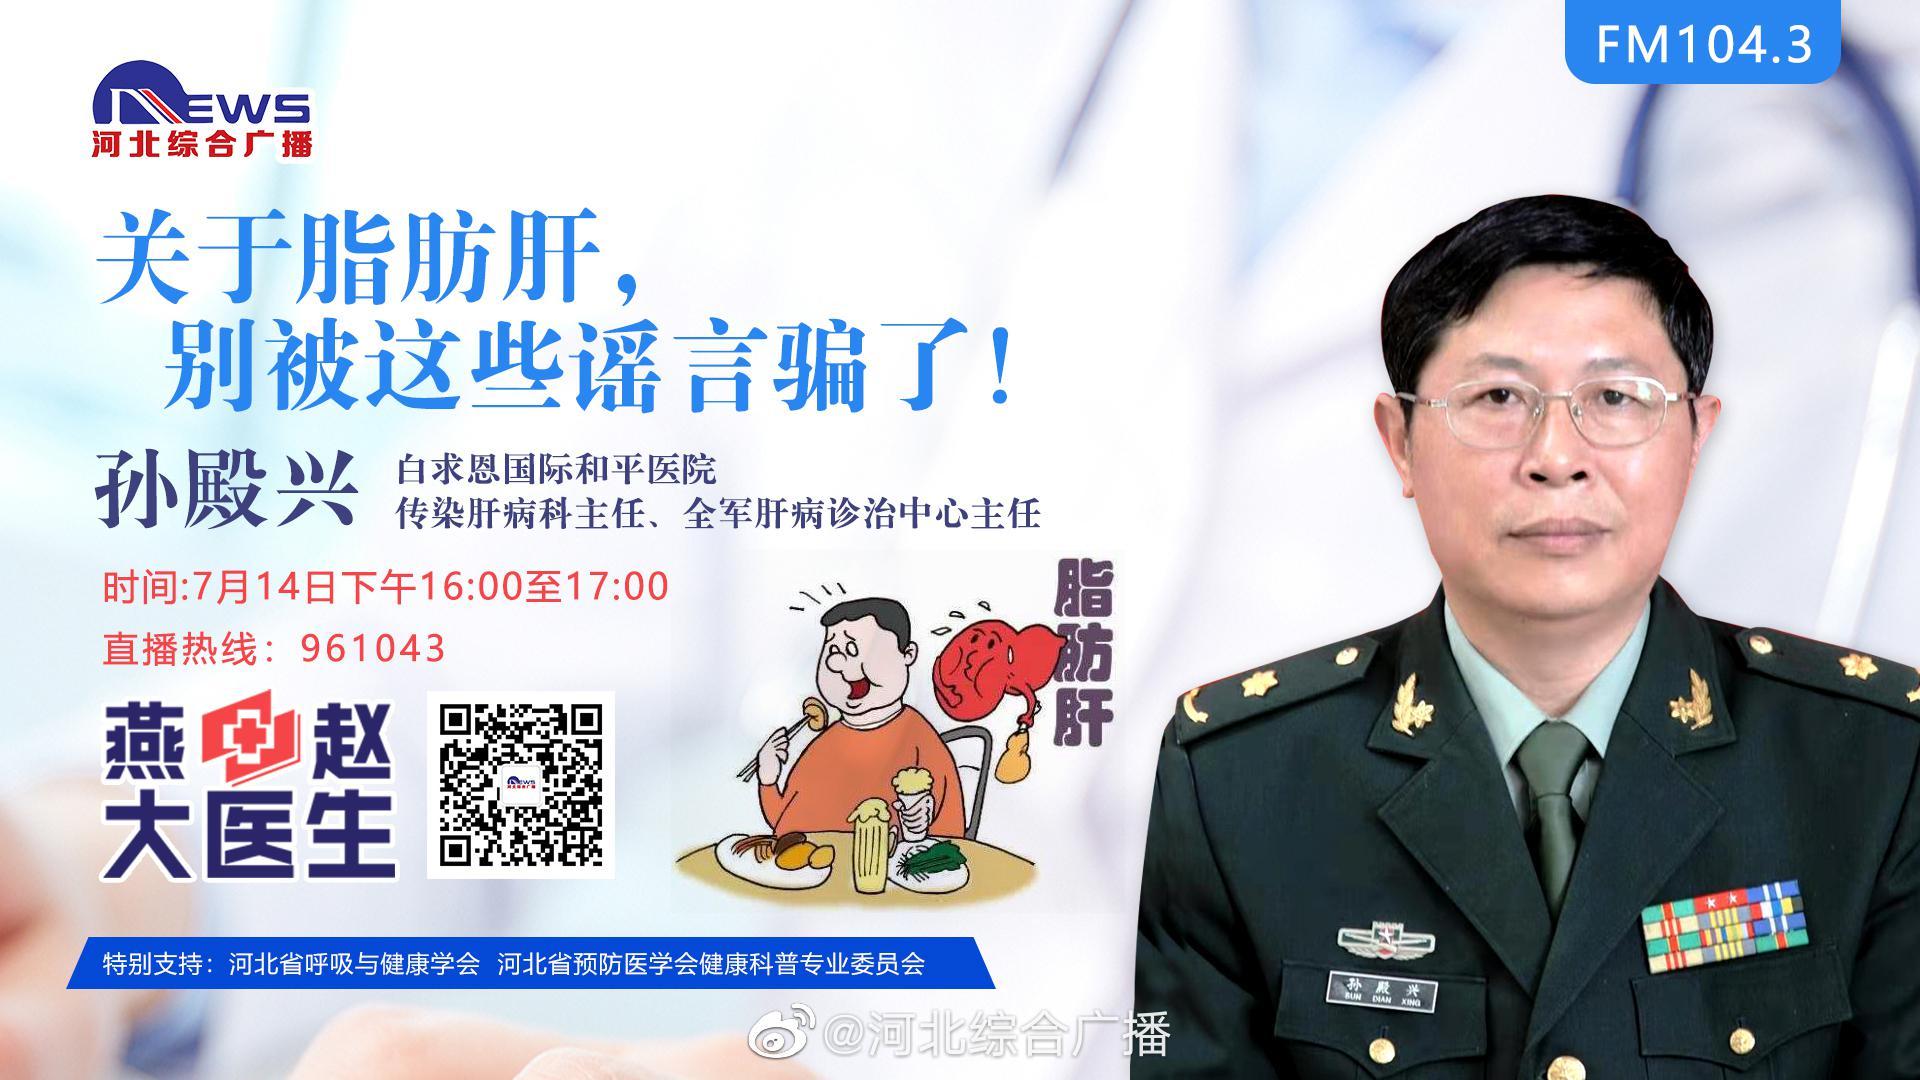 《燕赵大医生》健康小贴士:你以为脂肪肝只有肥胖人士会的吗?